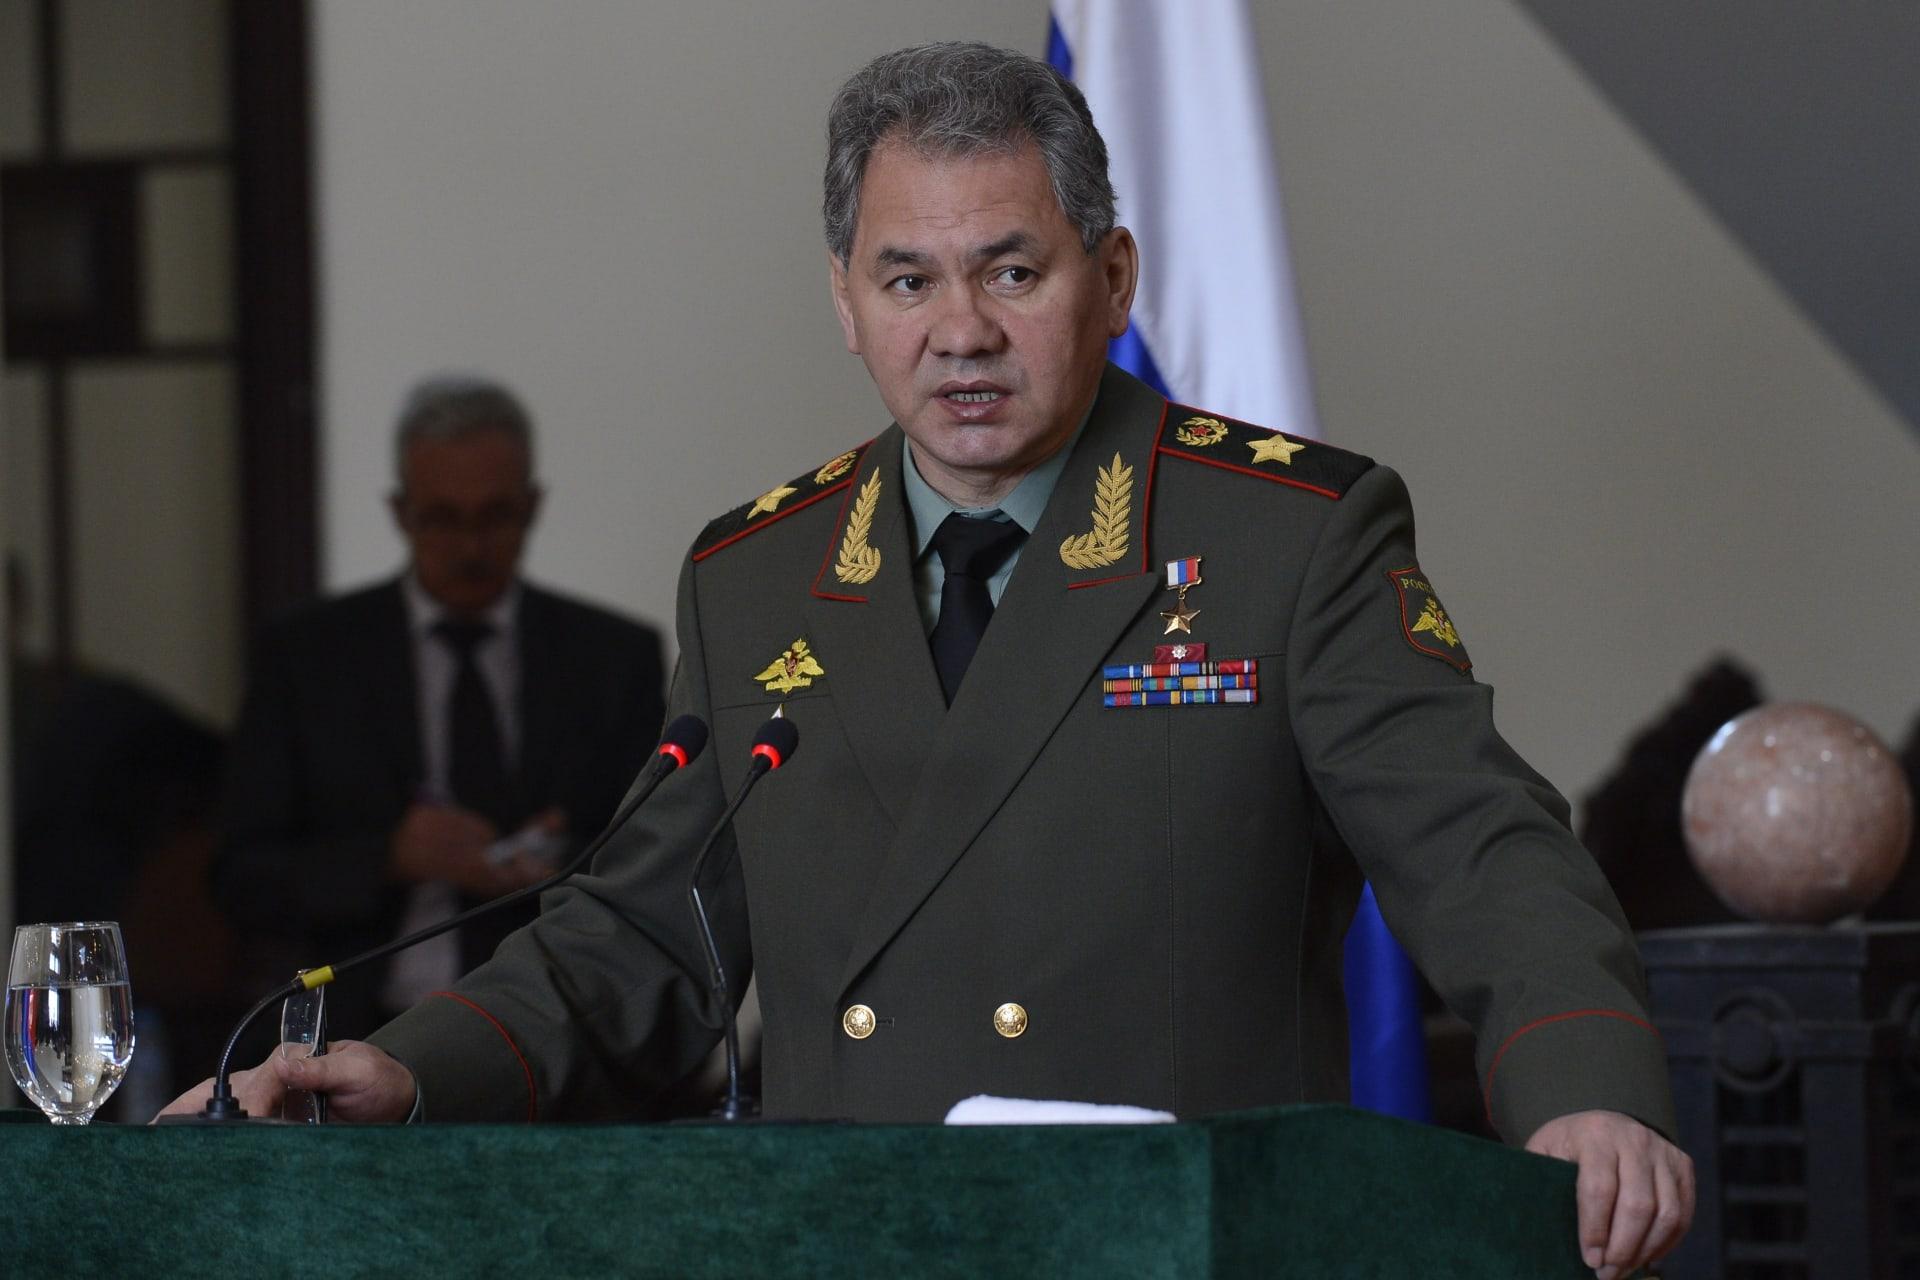 """الدفاع الروسية تتلقى أسماء 130 جماعة معارضة موافقة على """"وقف الأعمال العدائية"""" بسوريا.. وتسجل 15 خرقا بـ24 ساعة"""